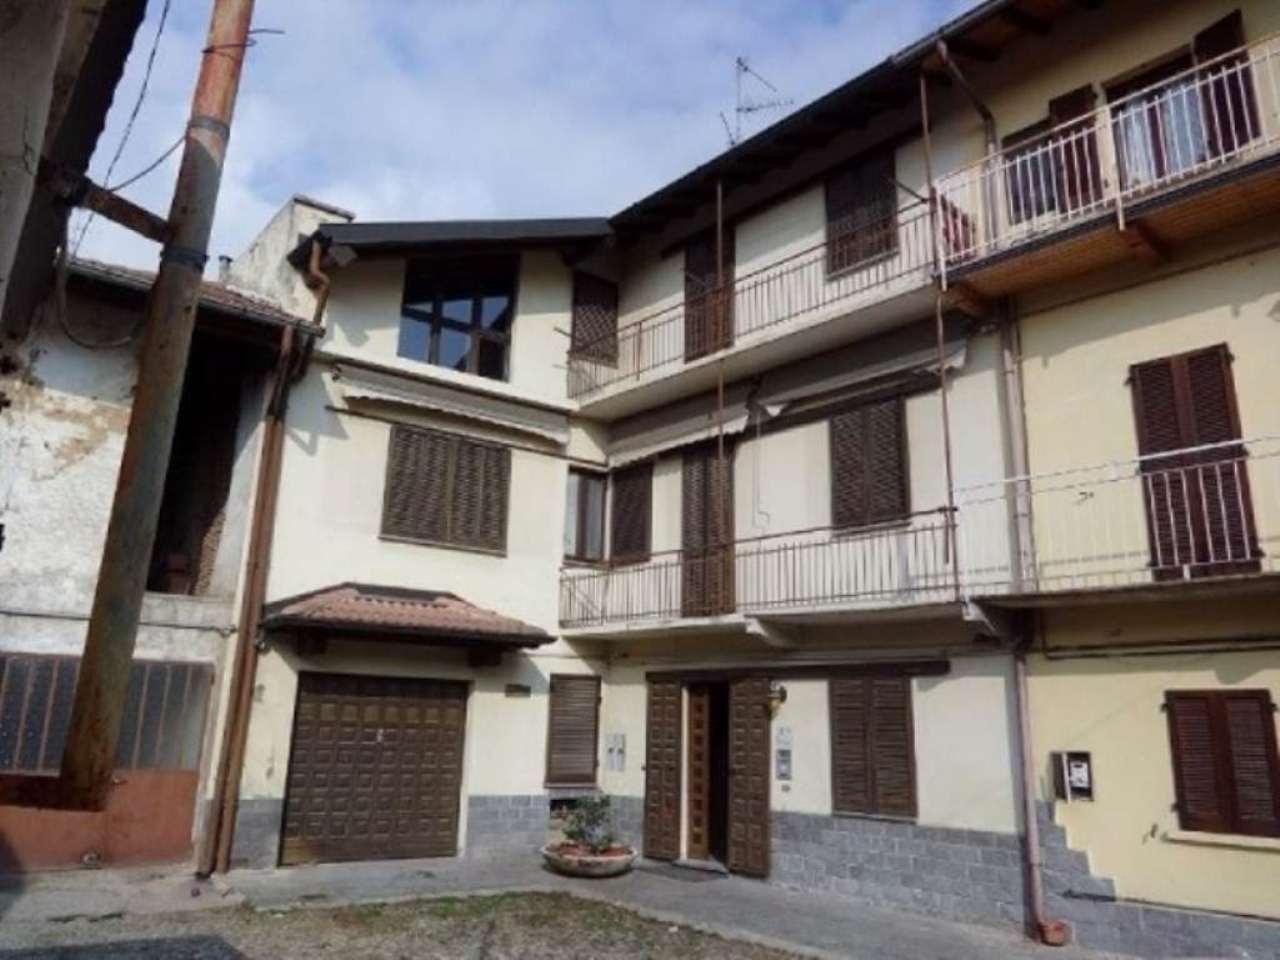 Soluzione Indipendente in vendita a Gallarate, 6 locali, prezzo € 120.000 | Cambio Casa.it